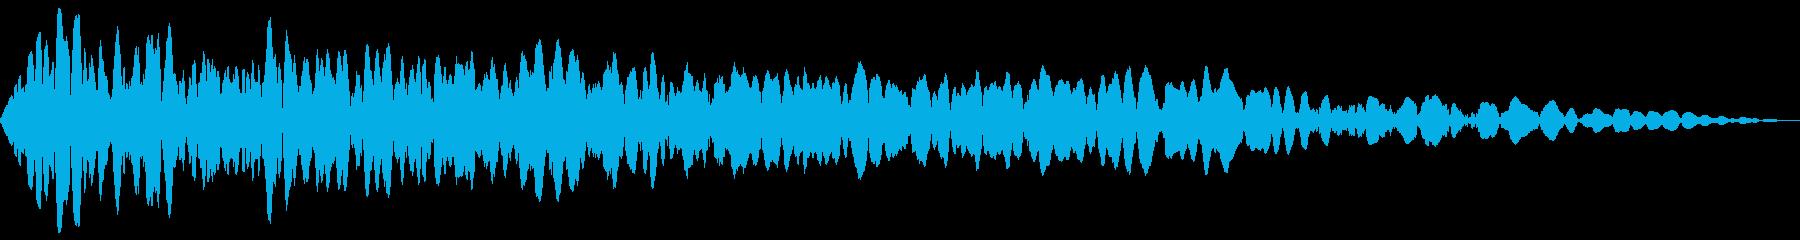 爆弾 衝撃 爆風 バーン の再生済みの波形